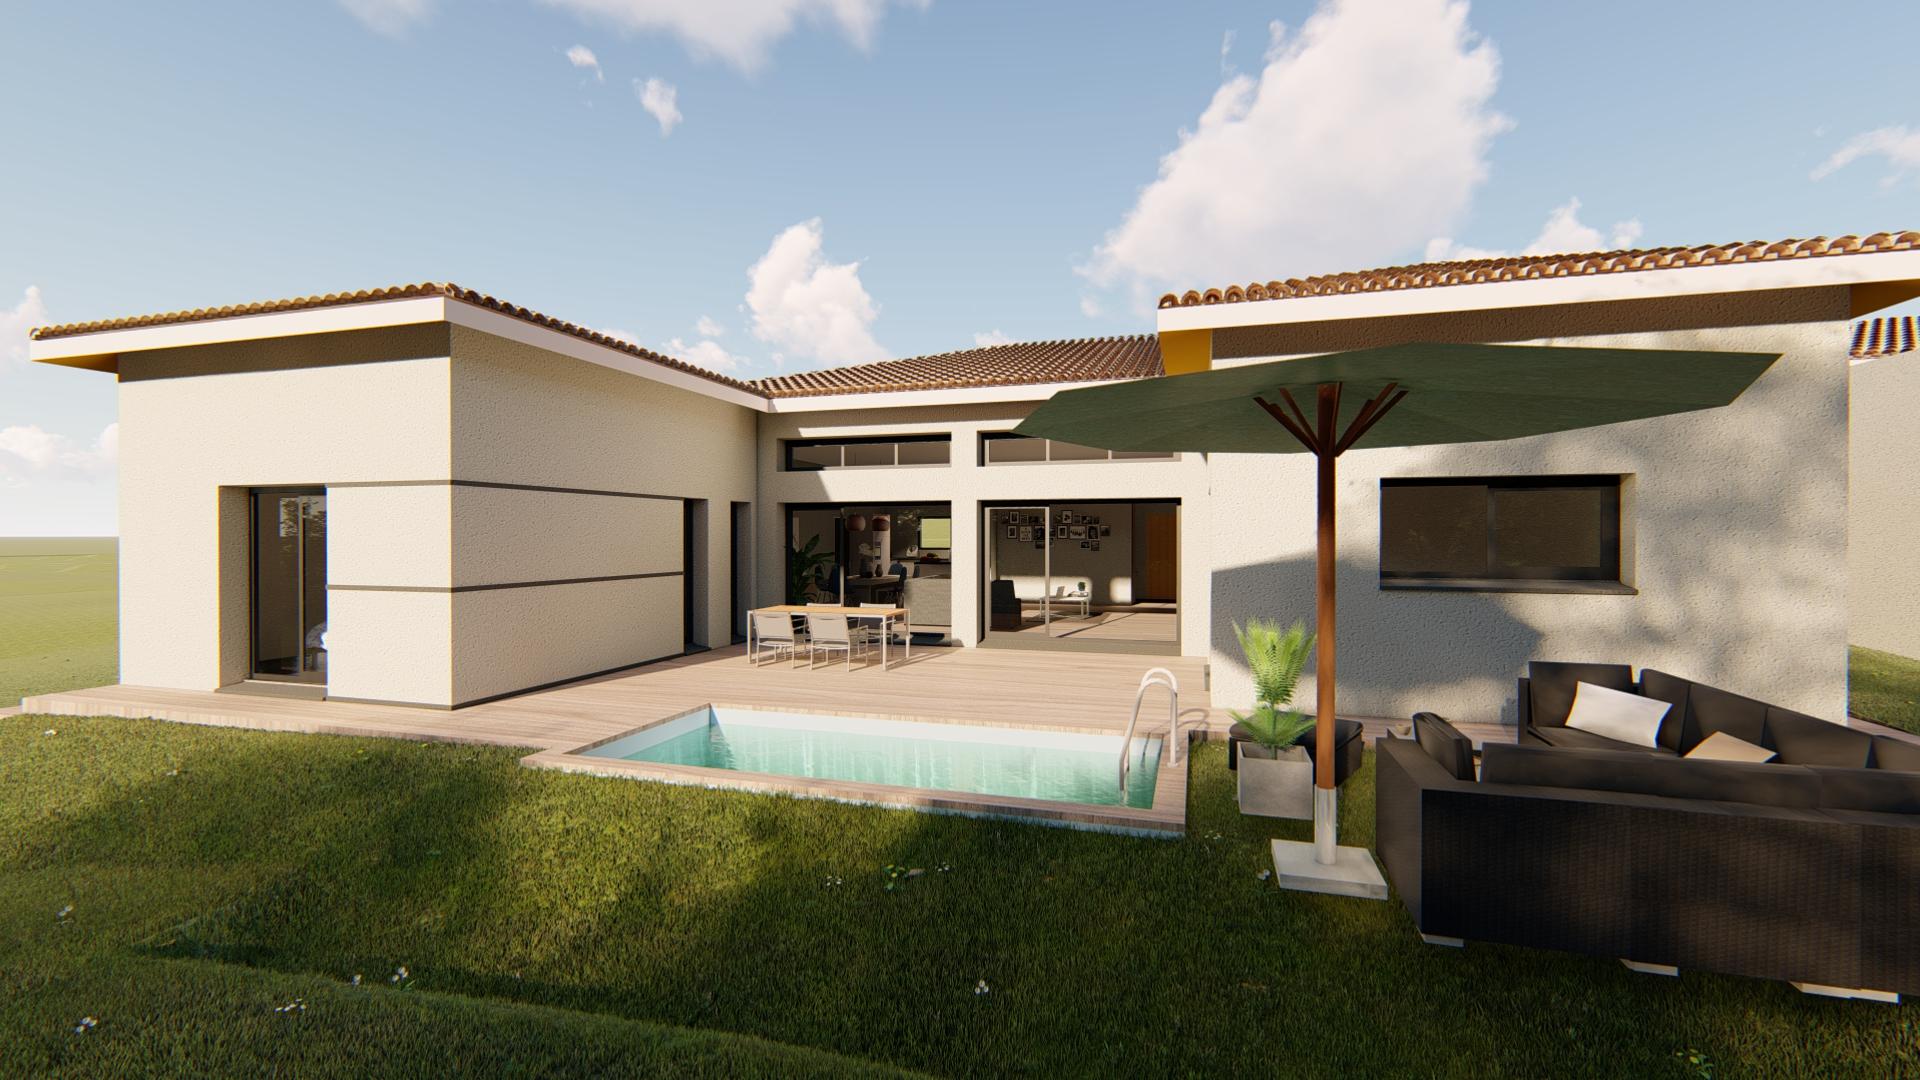 Maisons + Terrains du constructeur VILLAS SUD CREATION • 164 m² • FRONTON